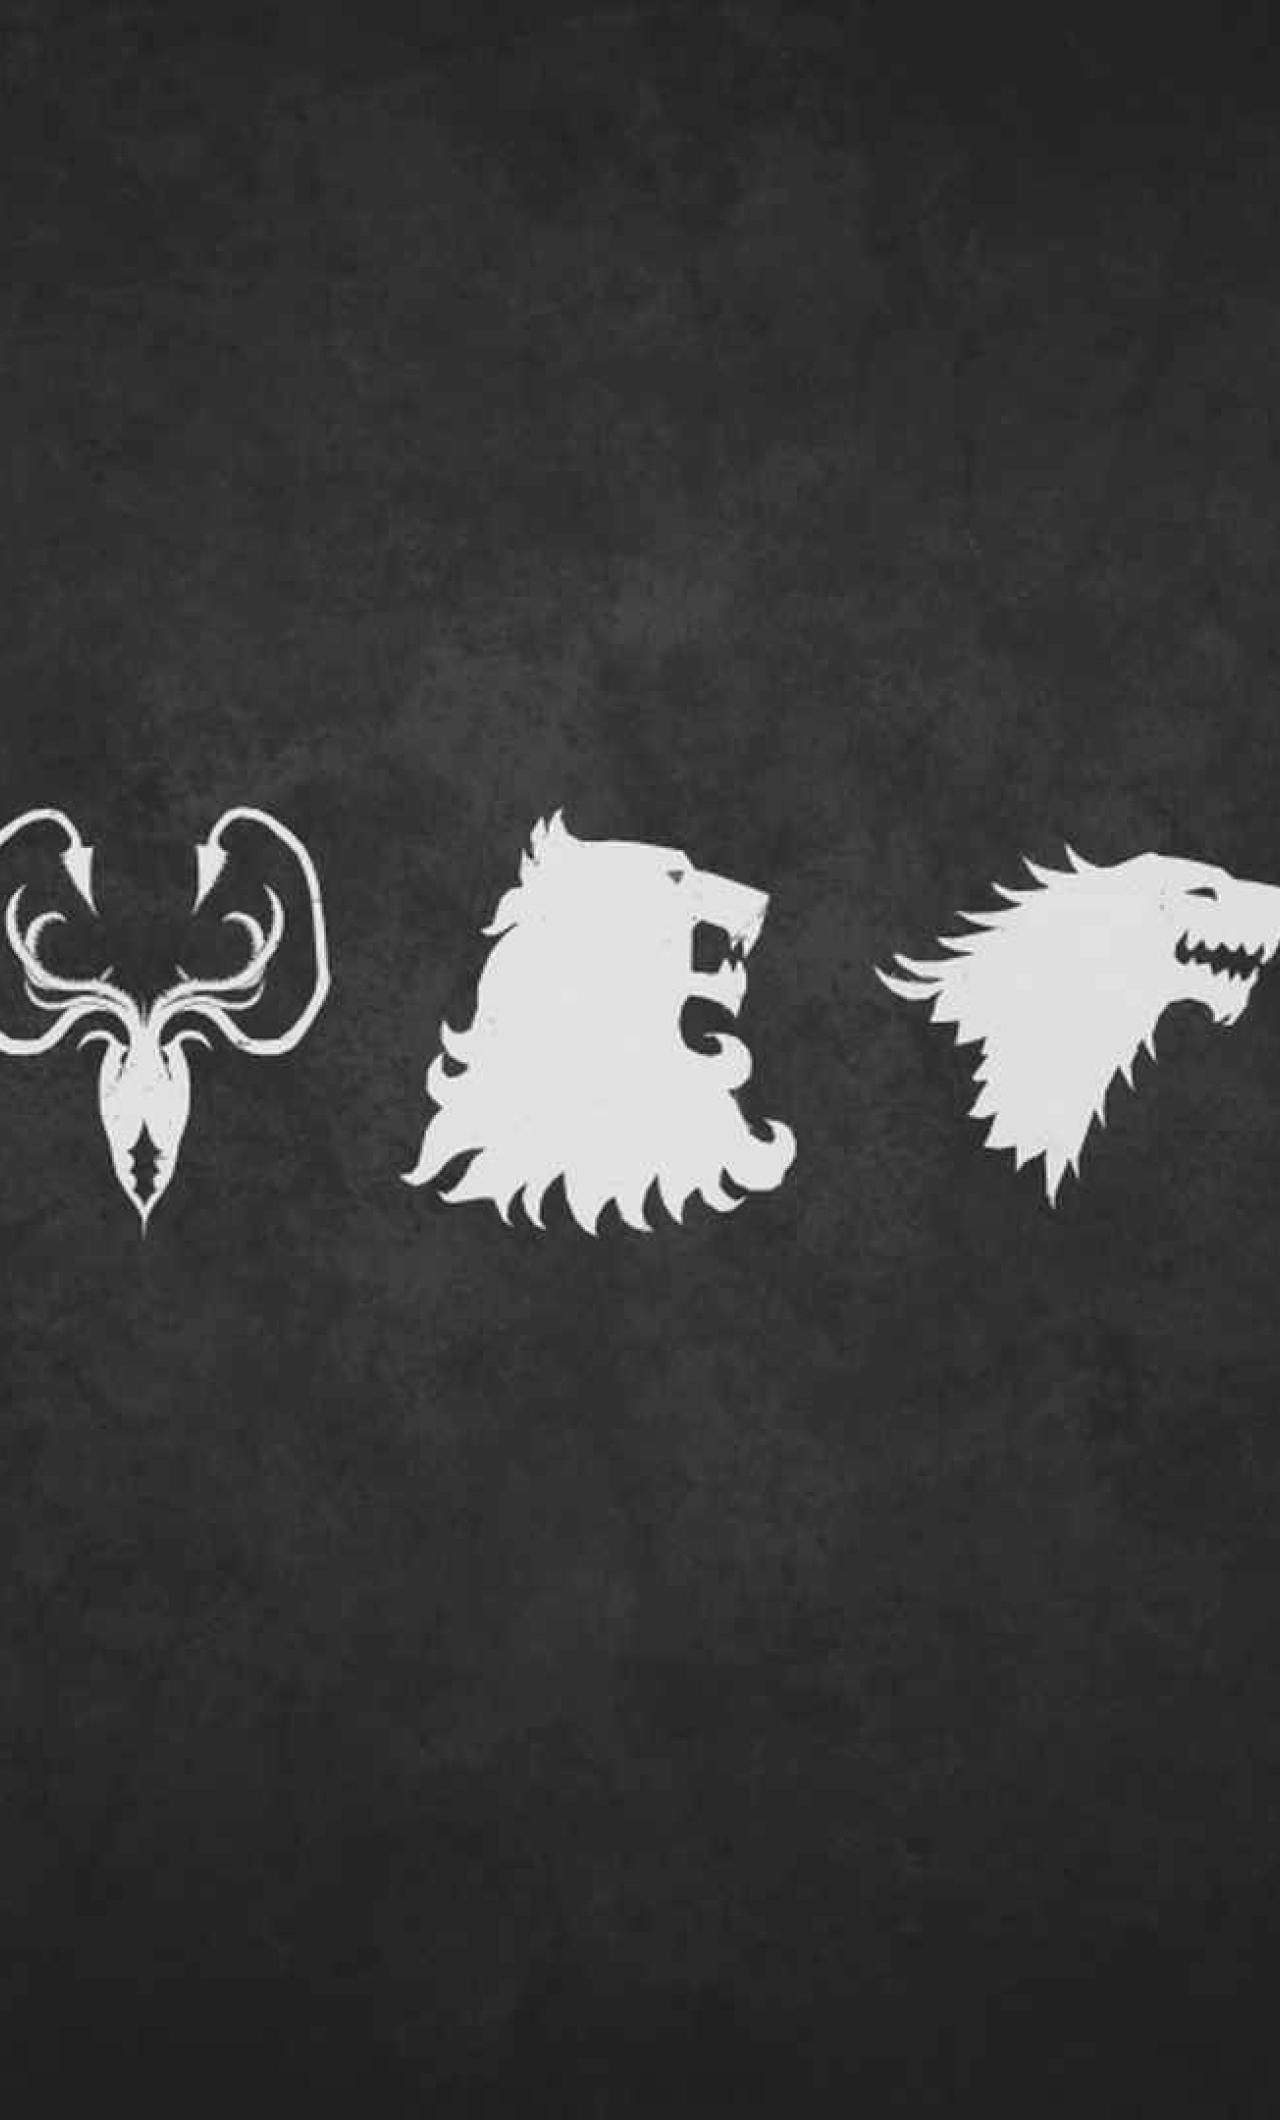 game of thrones symbole